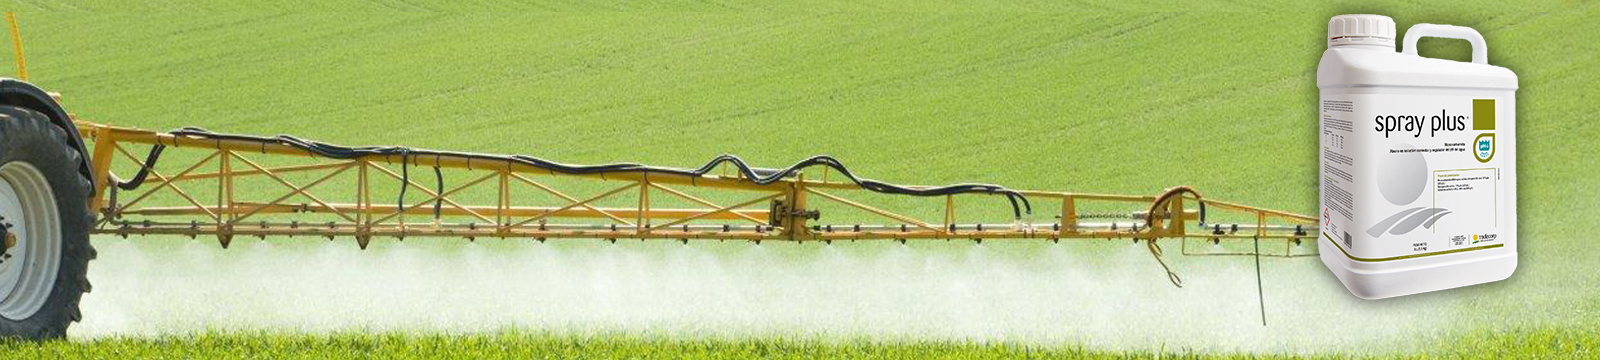 Spray Plus poprawia skuteczność agrochemikalii i nawozów